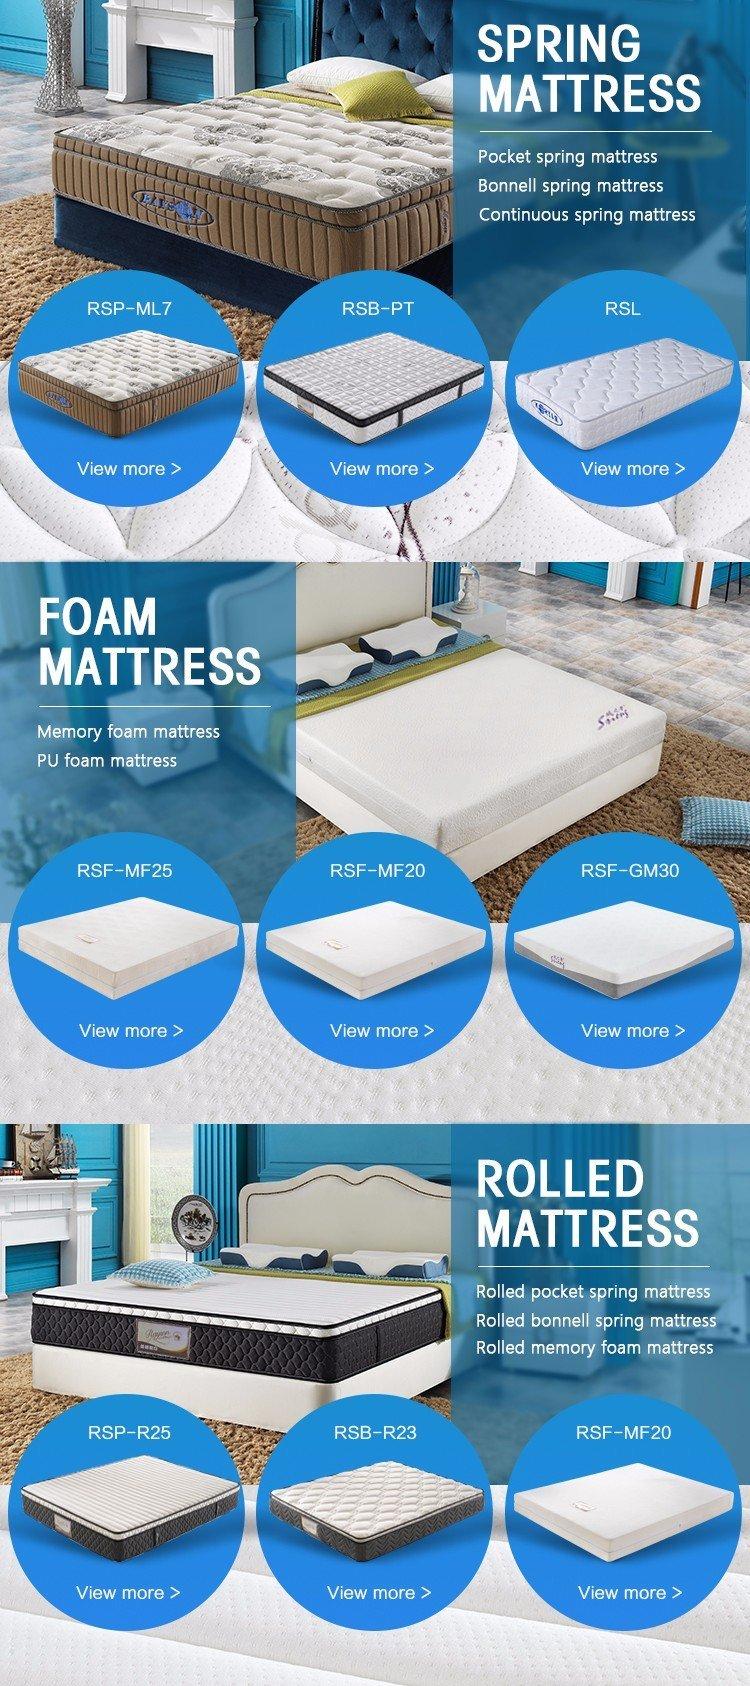 proof cushions 3 Star Hotel Mattress mattess Rayson Mattress company